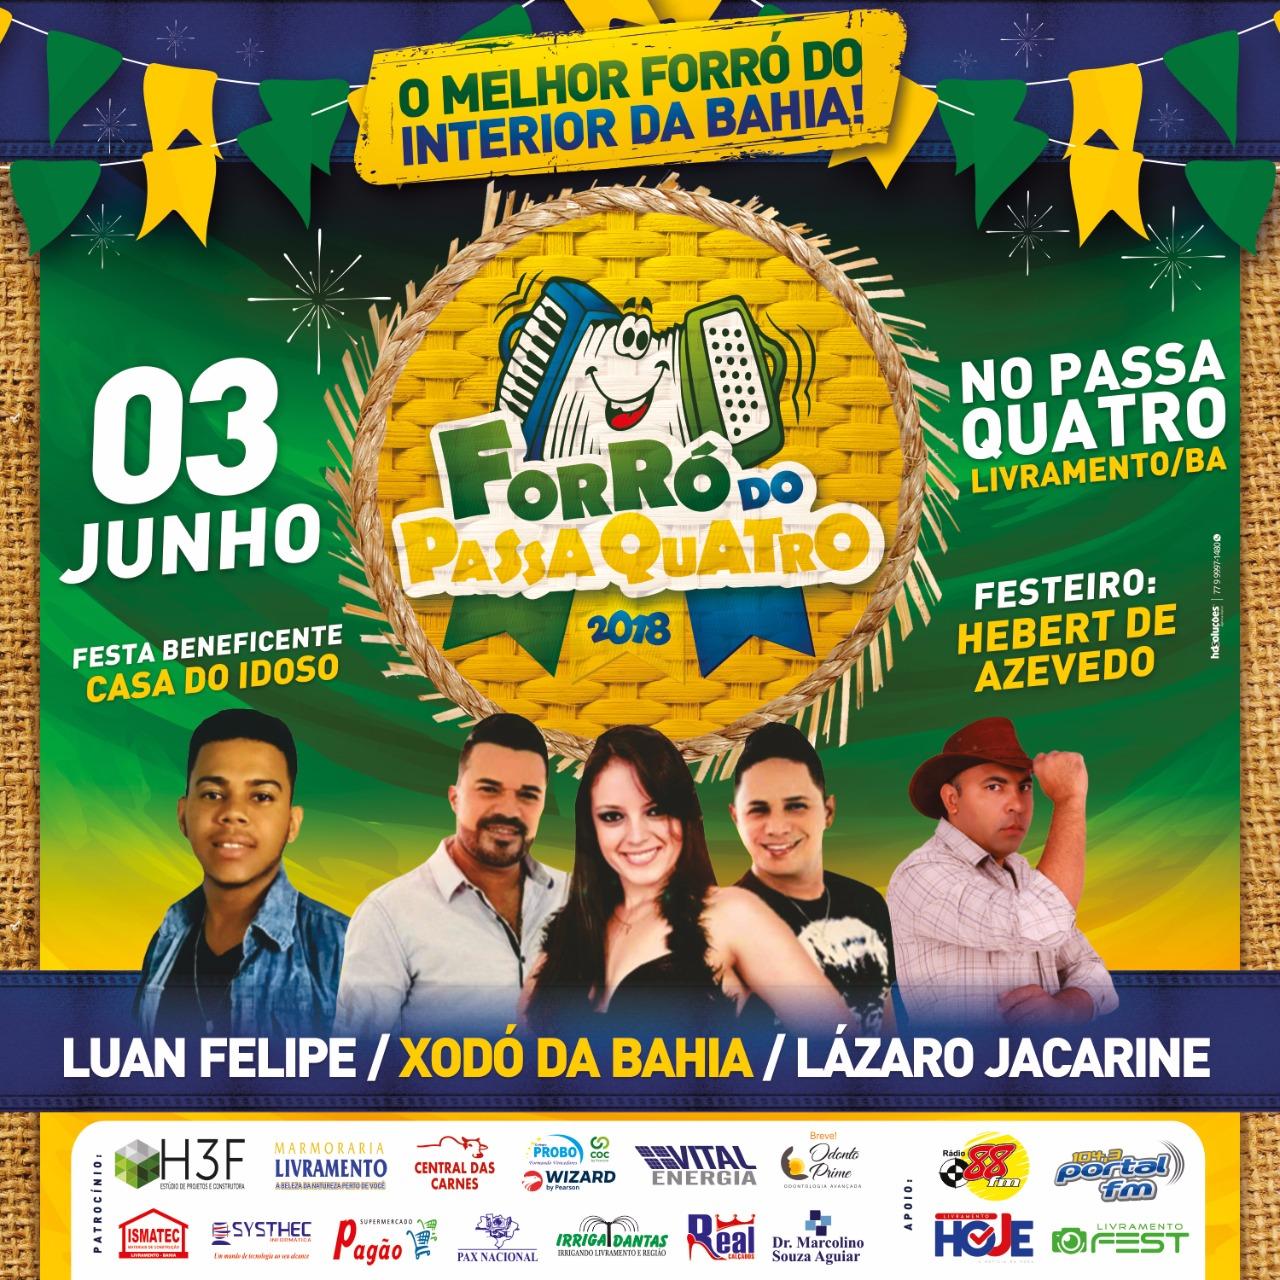 Livramento: Luan Felipe, Xodó da Bahia e Lázaro Jacarine irão animar o quarto Domingo de Sol do Passa Quatro